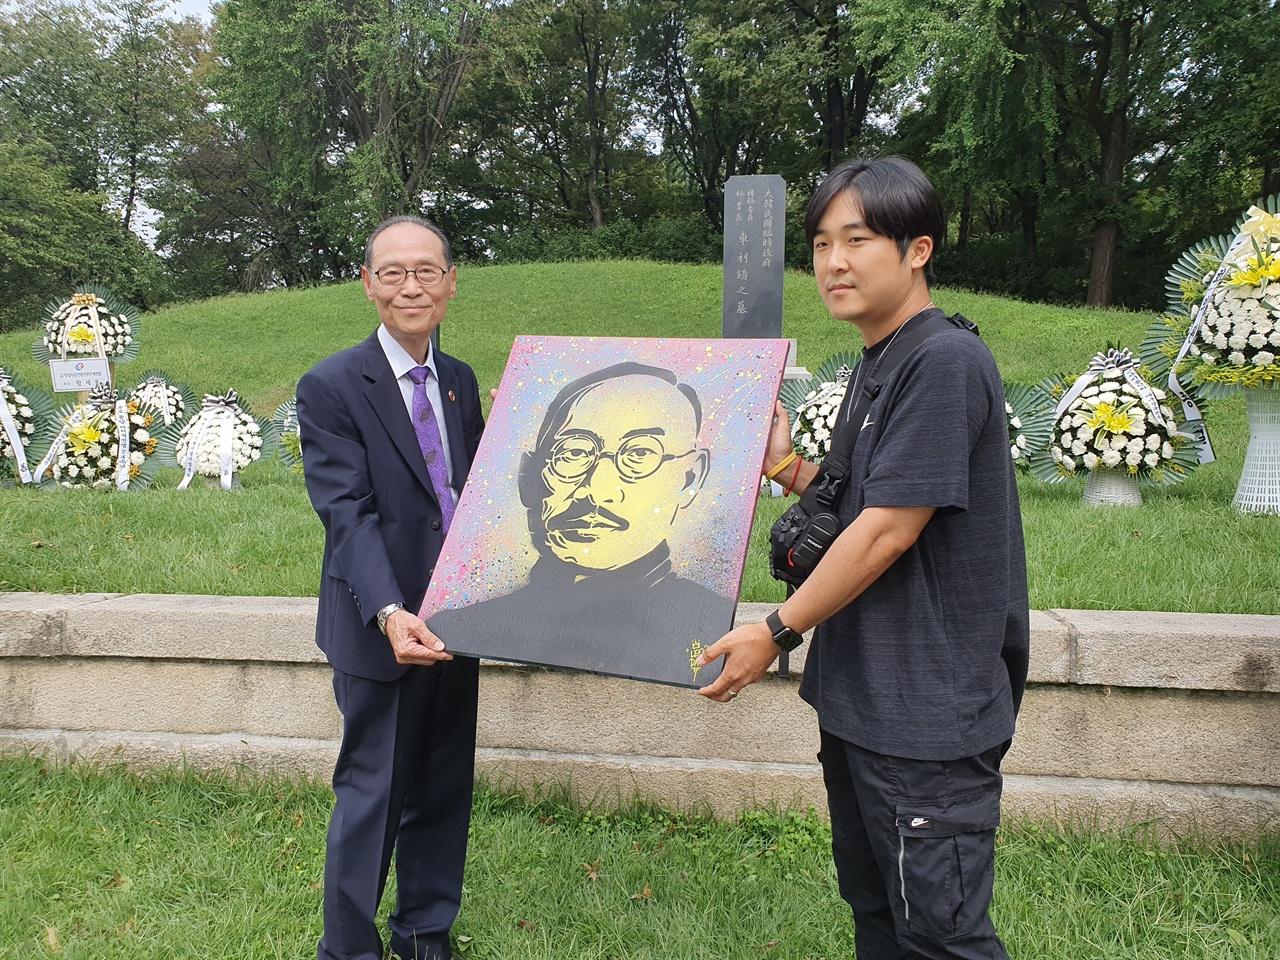 차리석 선생 묘역 앞에서 열린 '차리석 그라피티 작품 헌정식'에서 차영조 회장과 레오다브 최성욱 작가가 함께 작품을 들고 있다.